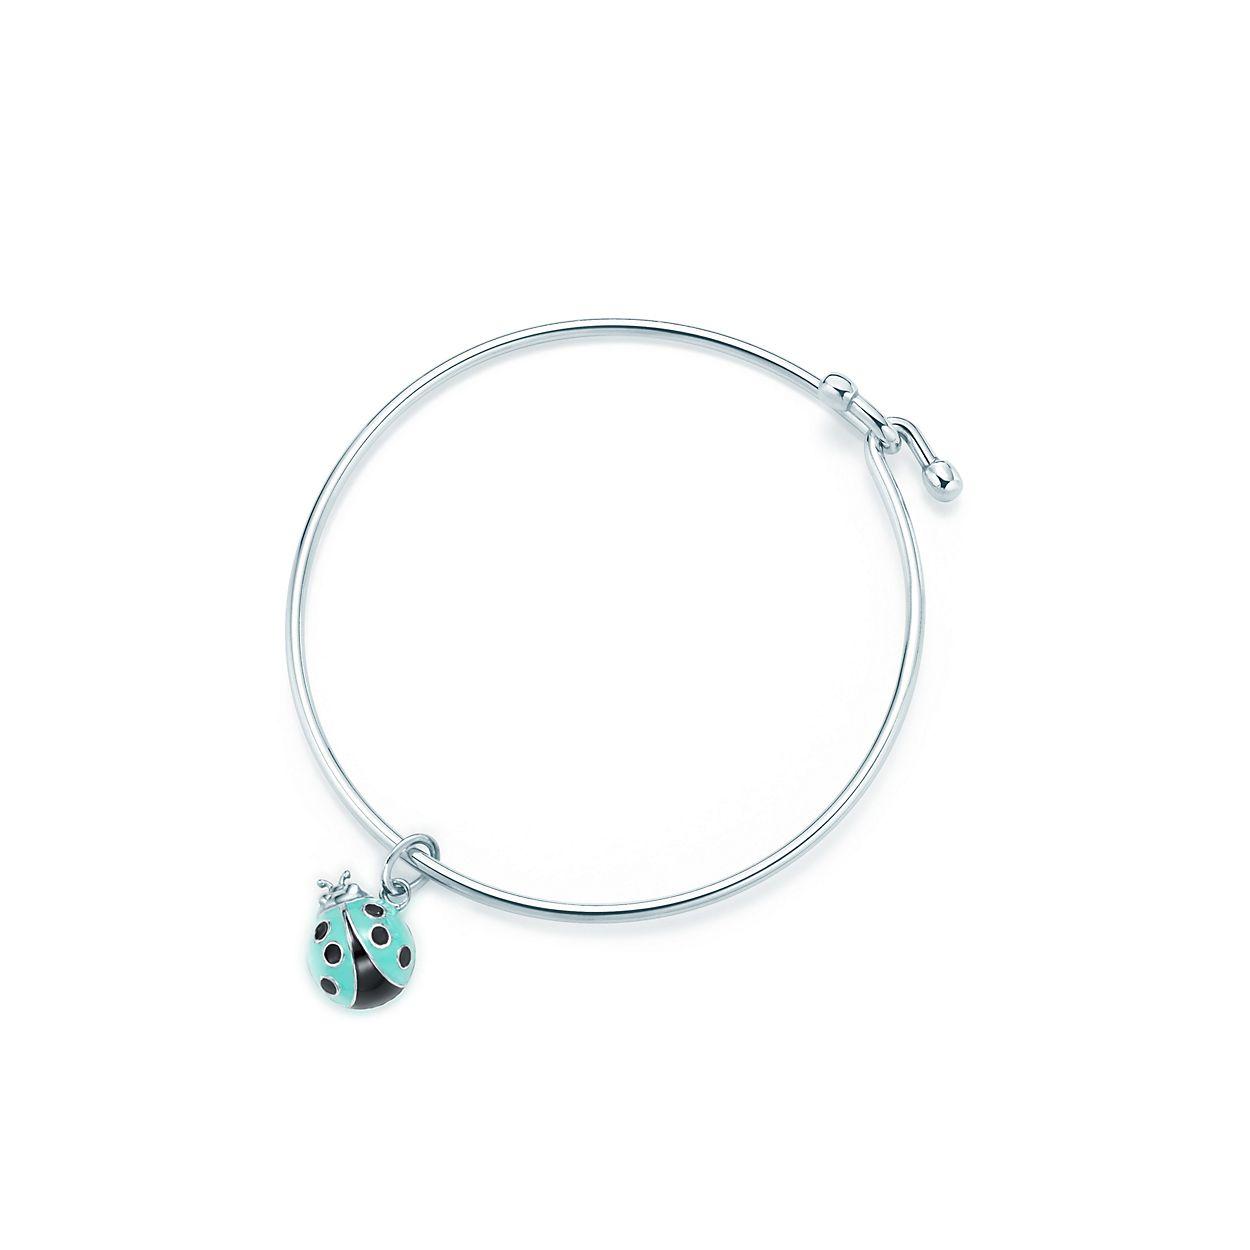 Tiffany Infinity bracelet in silver with Tiffany Blue enamel finish, small Tiffany & Co.